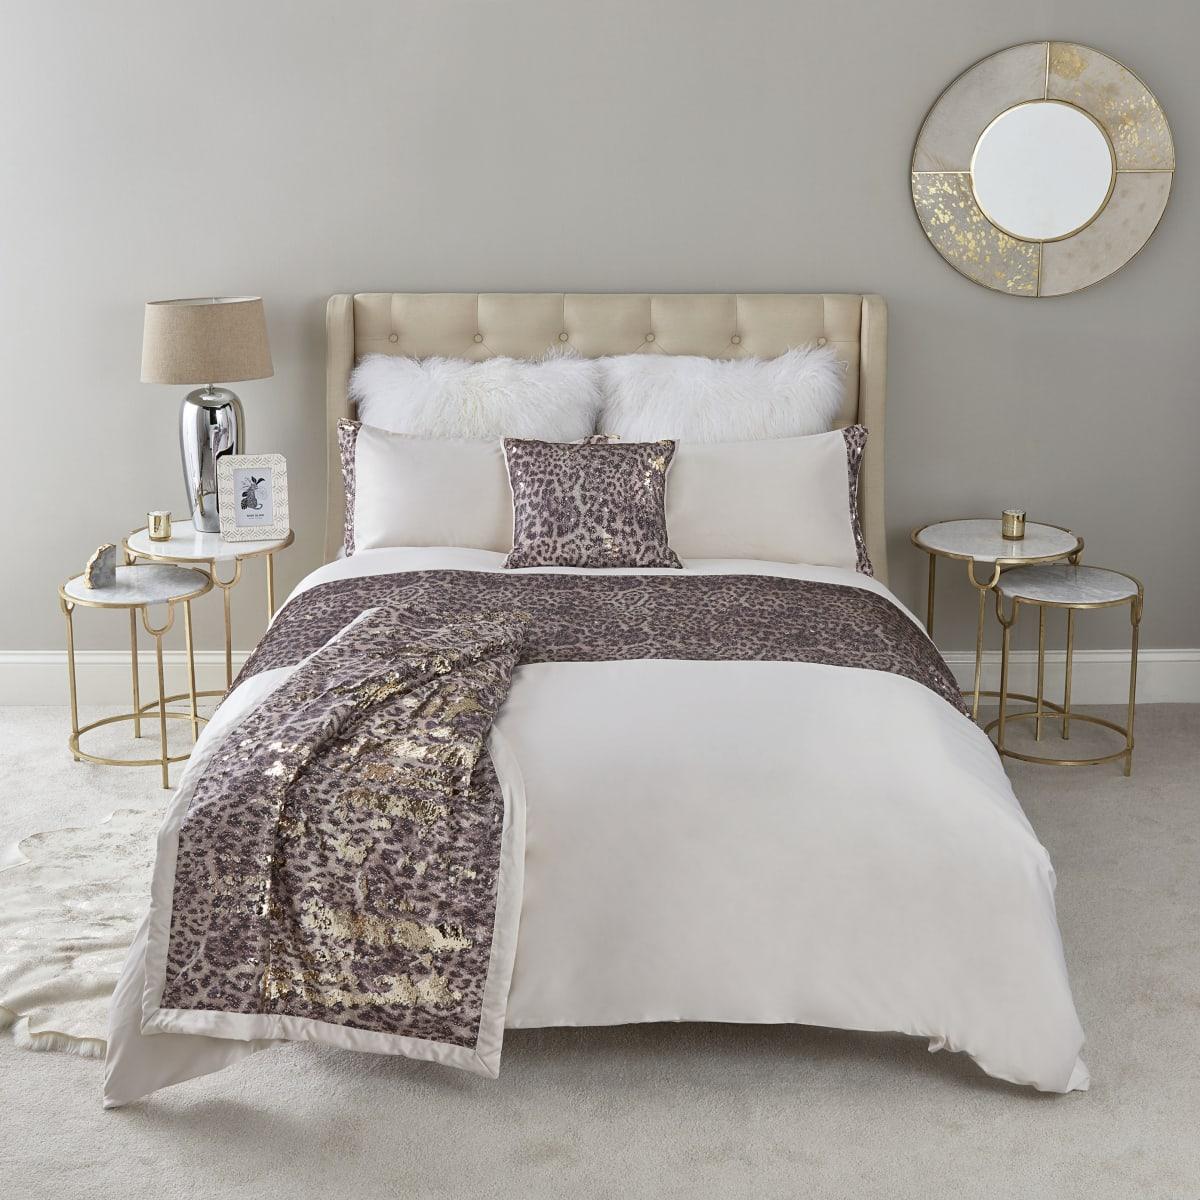 Bettgarnitur in Creme mit Pailletten, Doppelbett